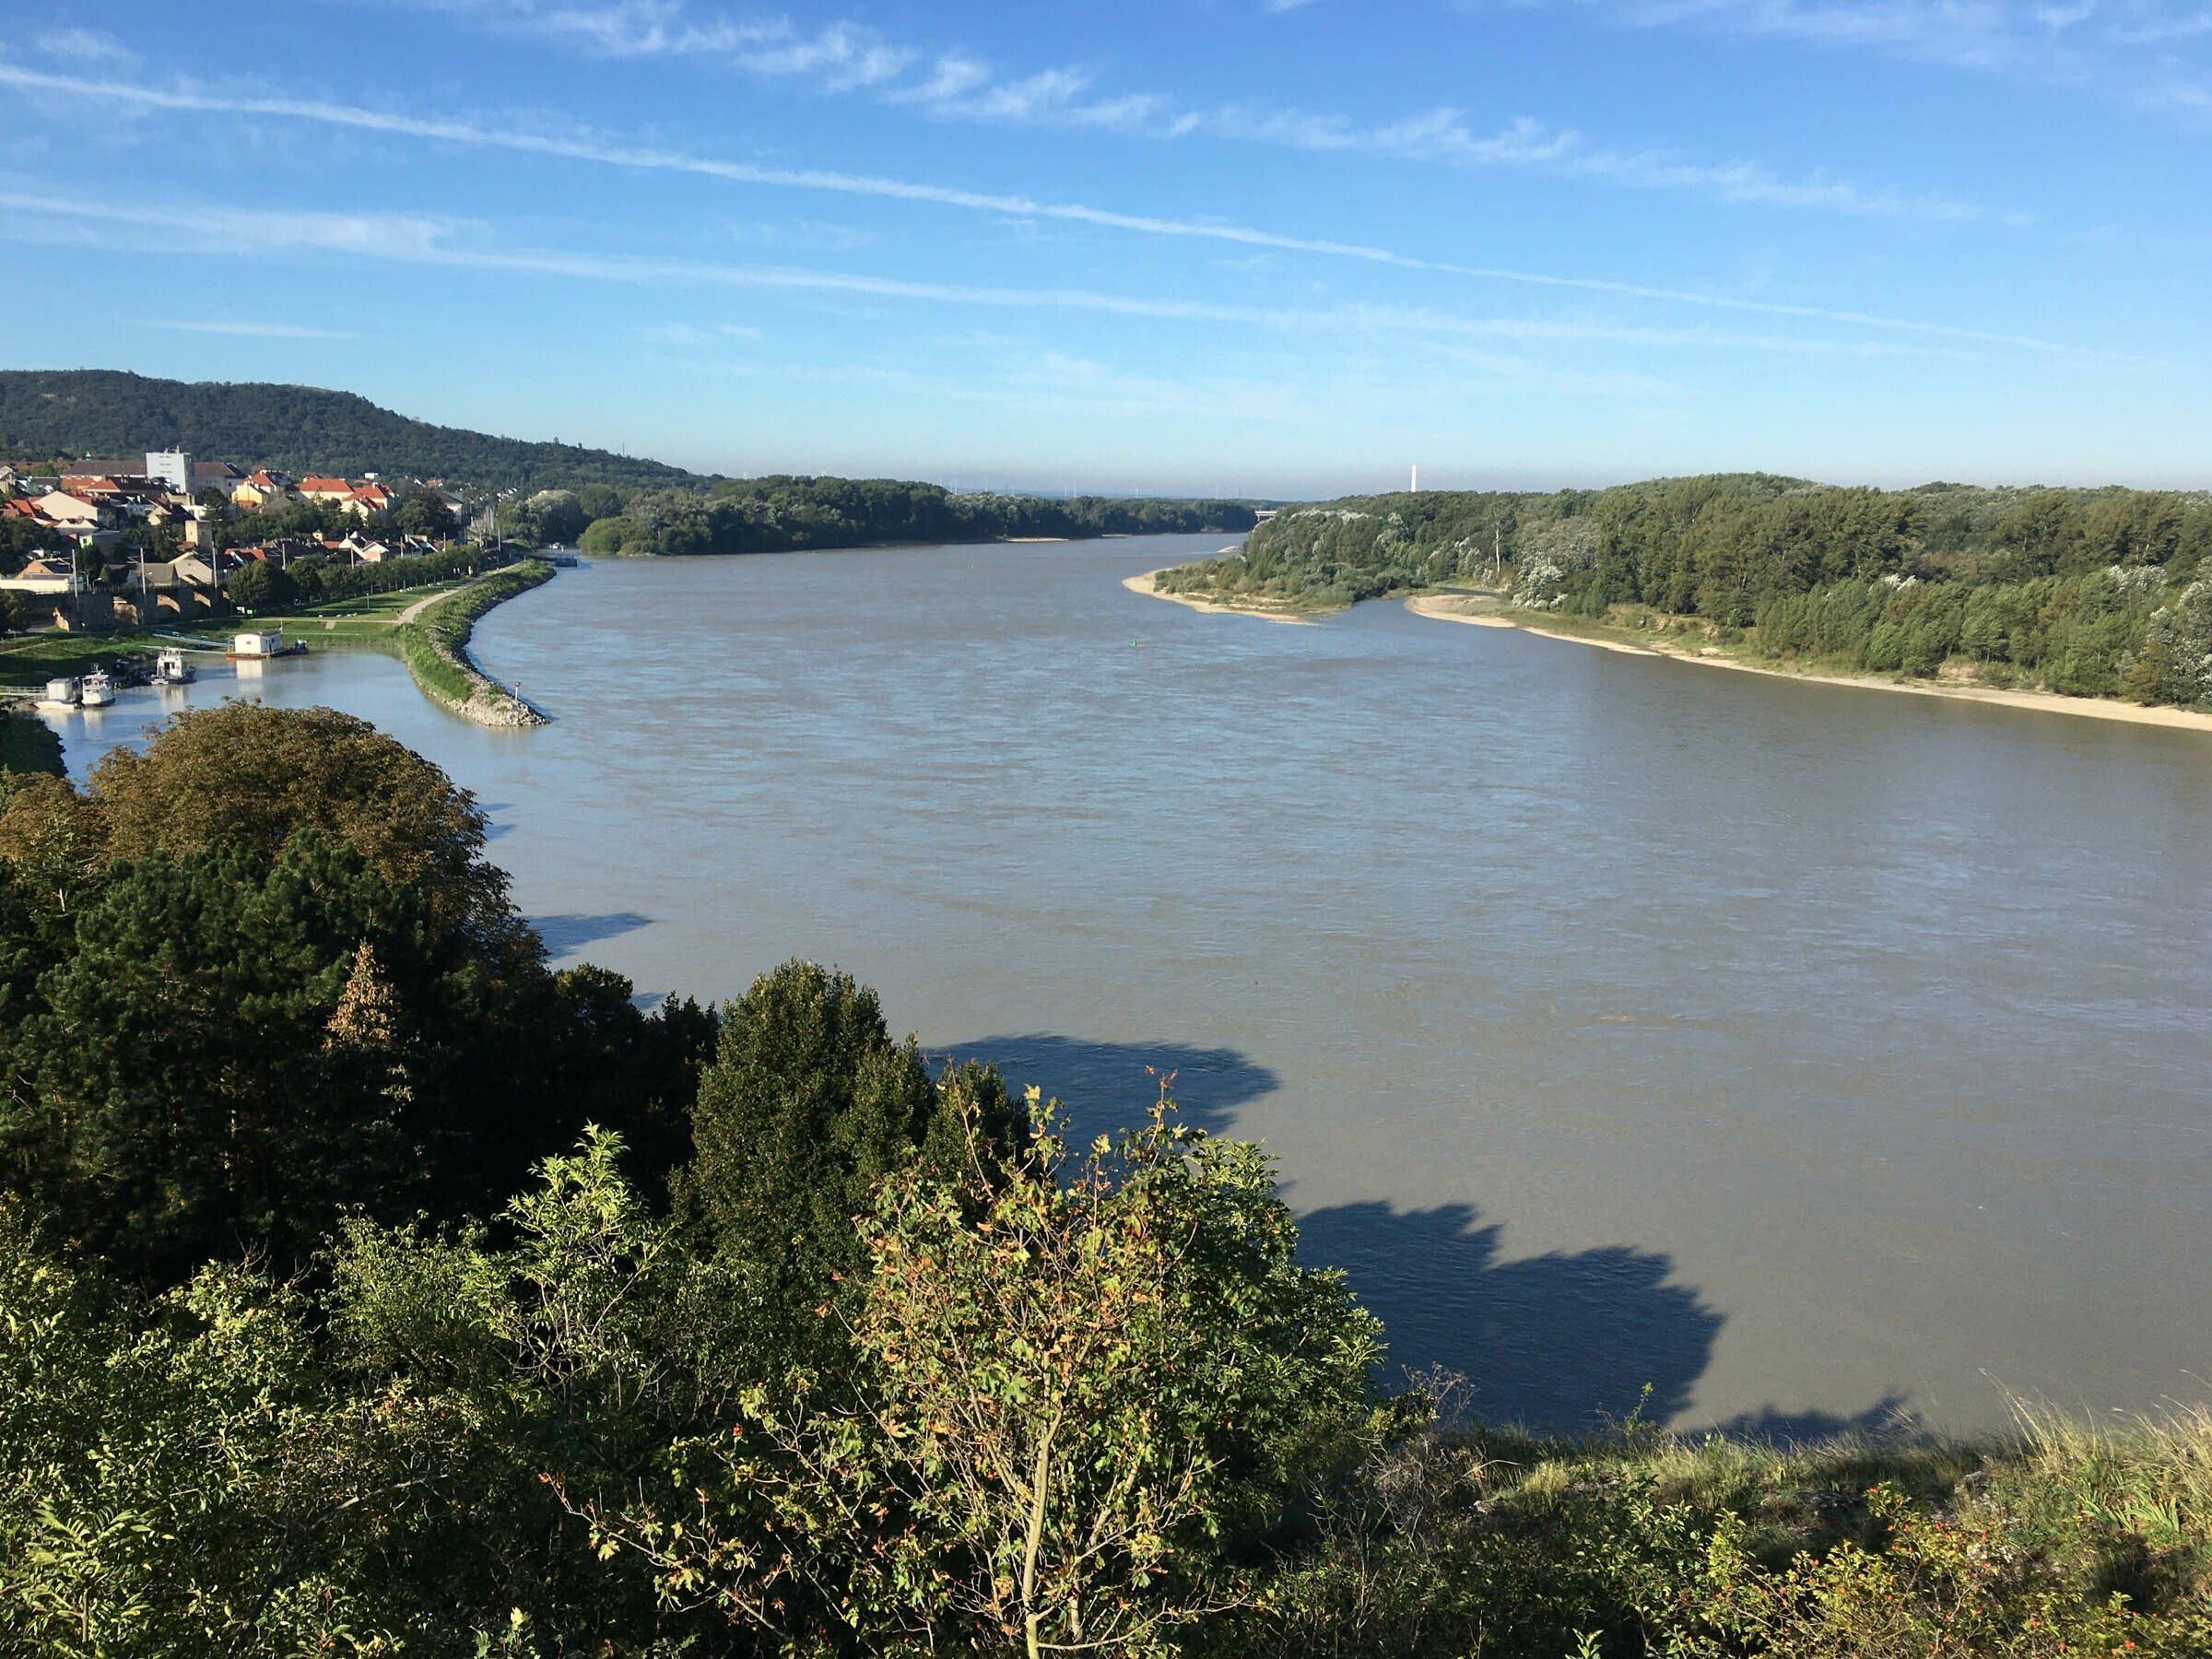 Fluss mit Umland, flussaufwärts blickend, links ein paar Häuser einer historischen Stadt.